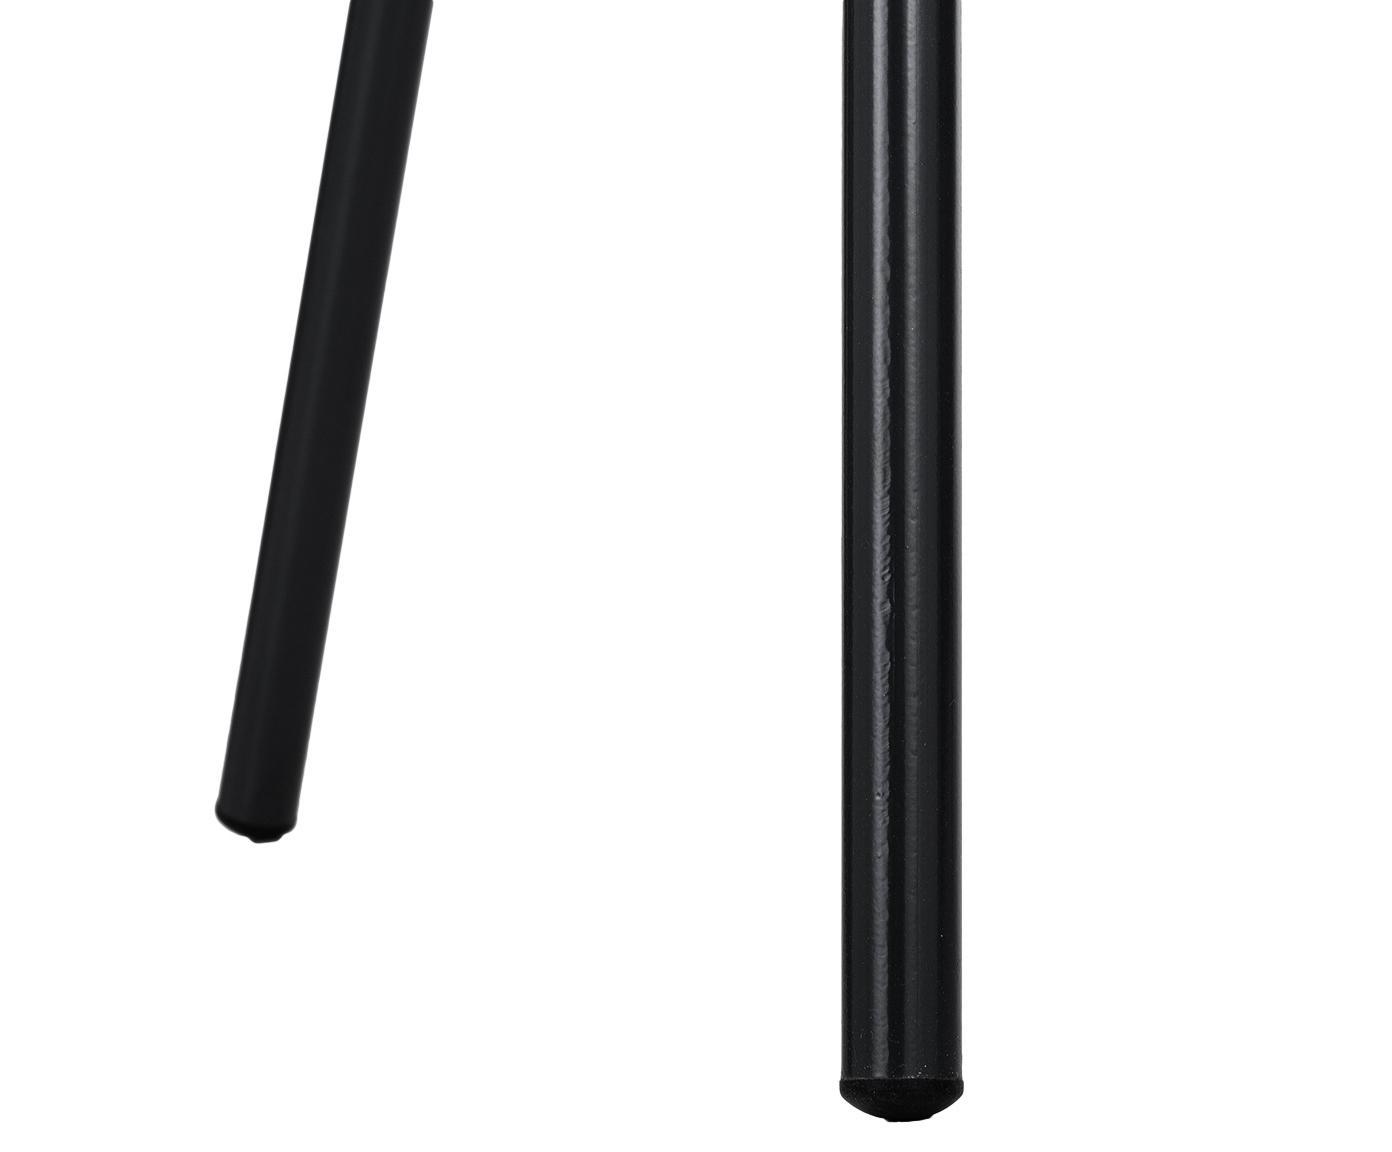 Kunststoffen armstoel Claire met metalen poten, Zitvlak: kunststof, Poten: gepoedercoat metaal, Kunststof zwart, B 54 x D 60 cm